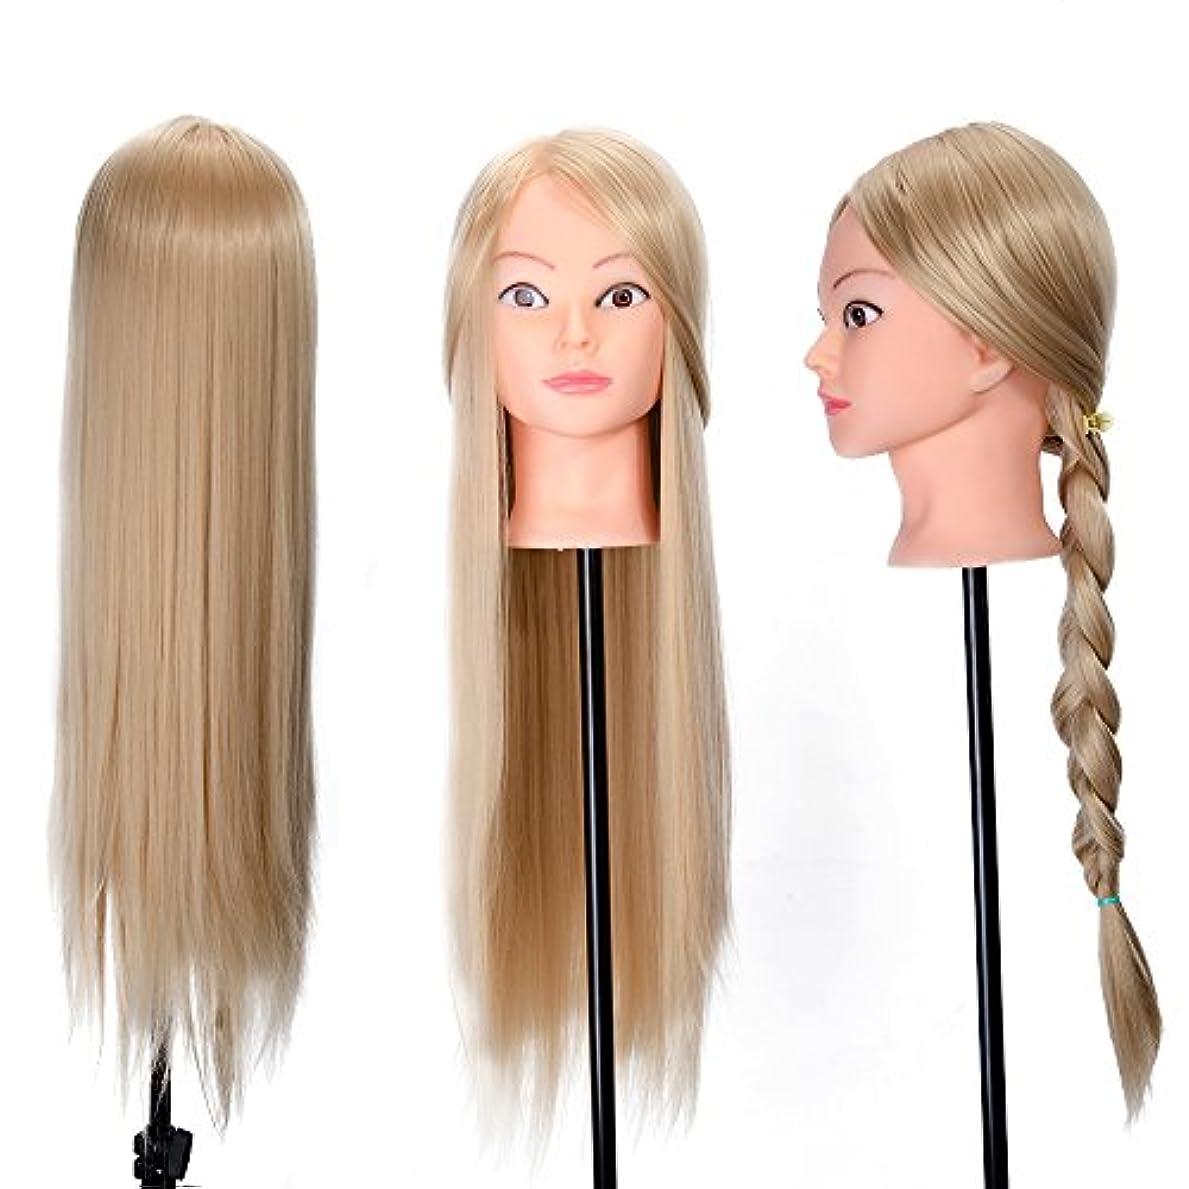 クリップ蝶魔女熱帯の26インチトレーニングヘッドヘア編組モデルヘアスタイル人形でテーブルクランプサロンスタイリングデザインマネキンダミーヘッド